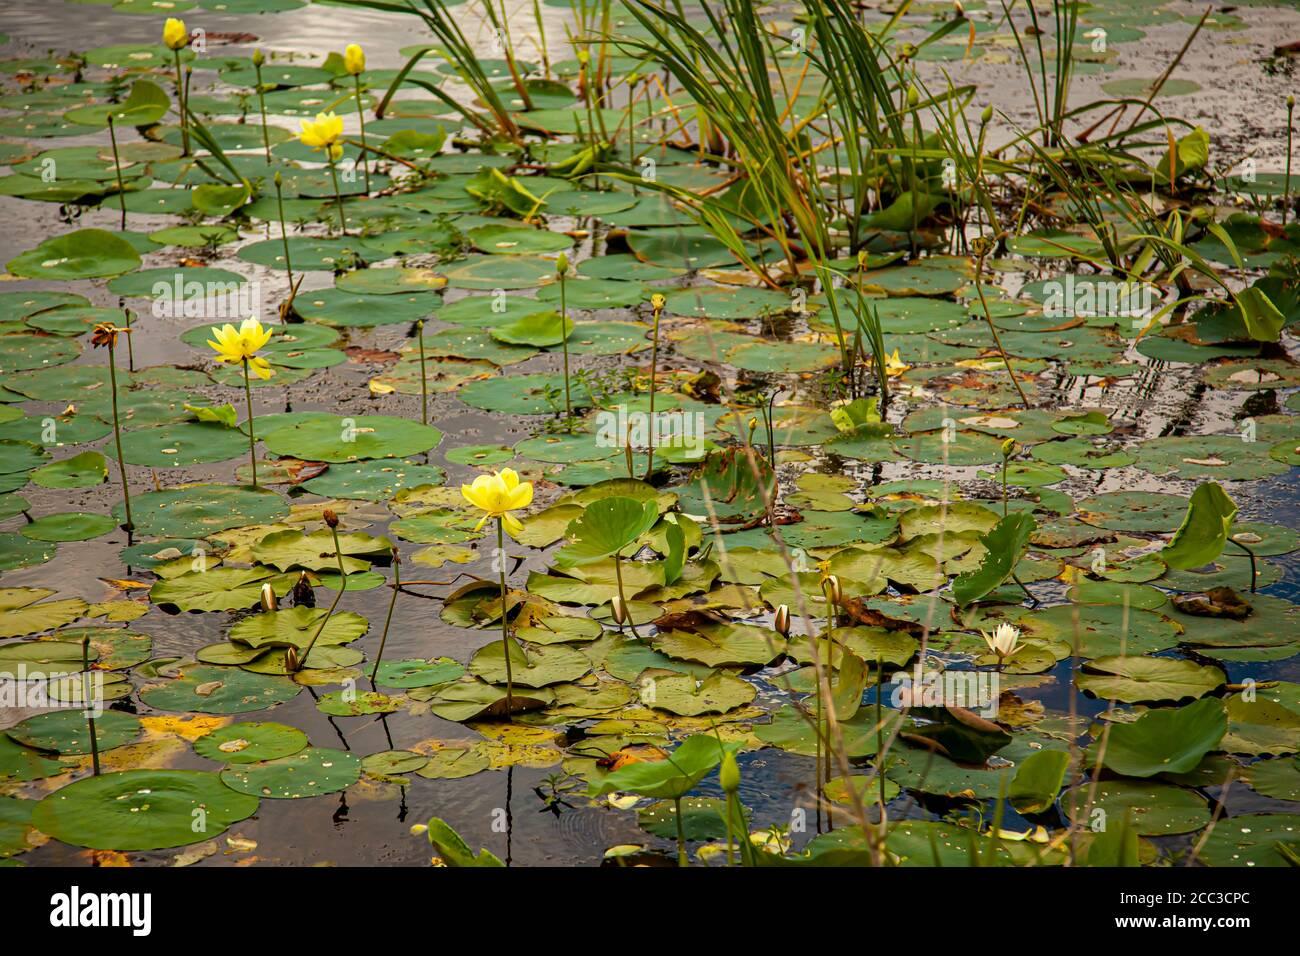 Una vista de cerca de un humedal con lirios de agua flotando en la superficie del agua, así como hierba y cañas. Las almohadillas de lirio tienen blanco y amarillo f Foto de stock